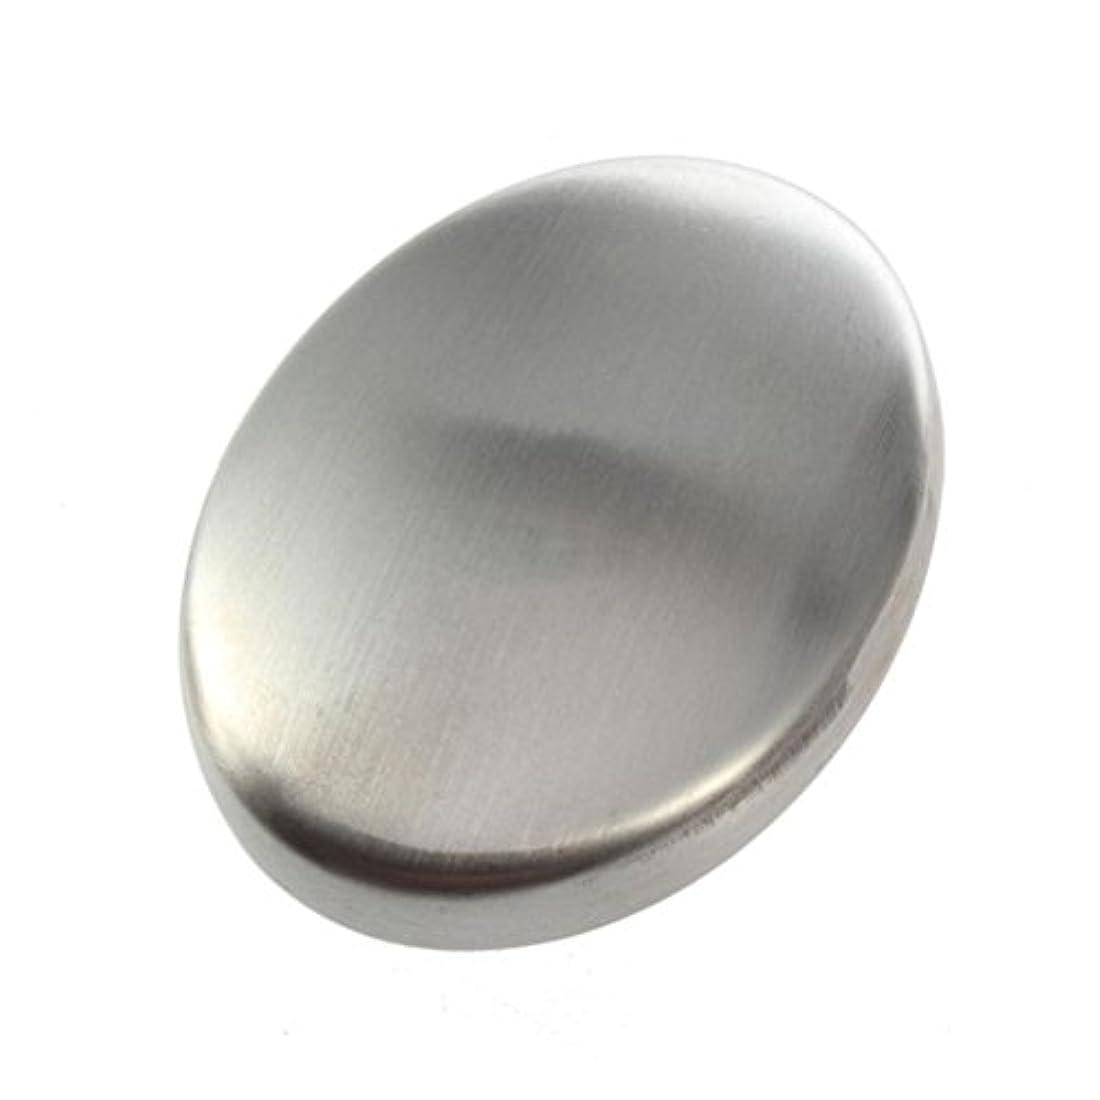 作りブロックする補充Flybloom ステンレス鋼の石鹸の臭気は容易な速く除去の臭いの台所棒楕円形の石鹸のための石鹸を取除きます